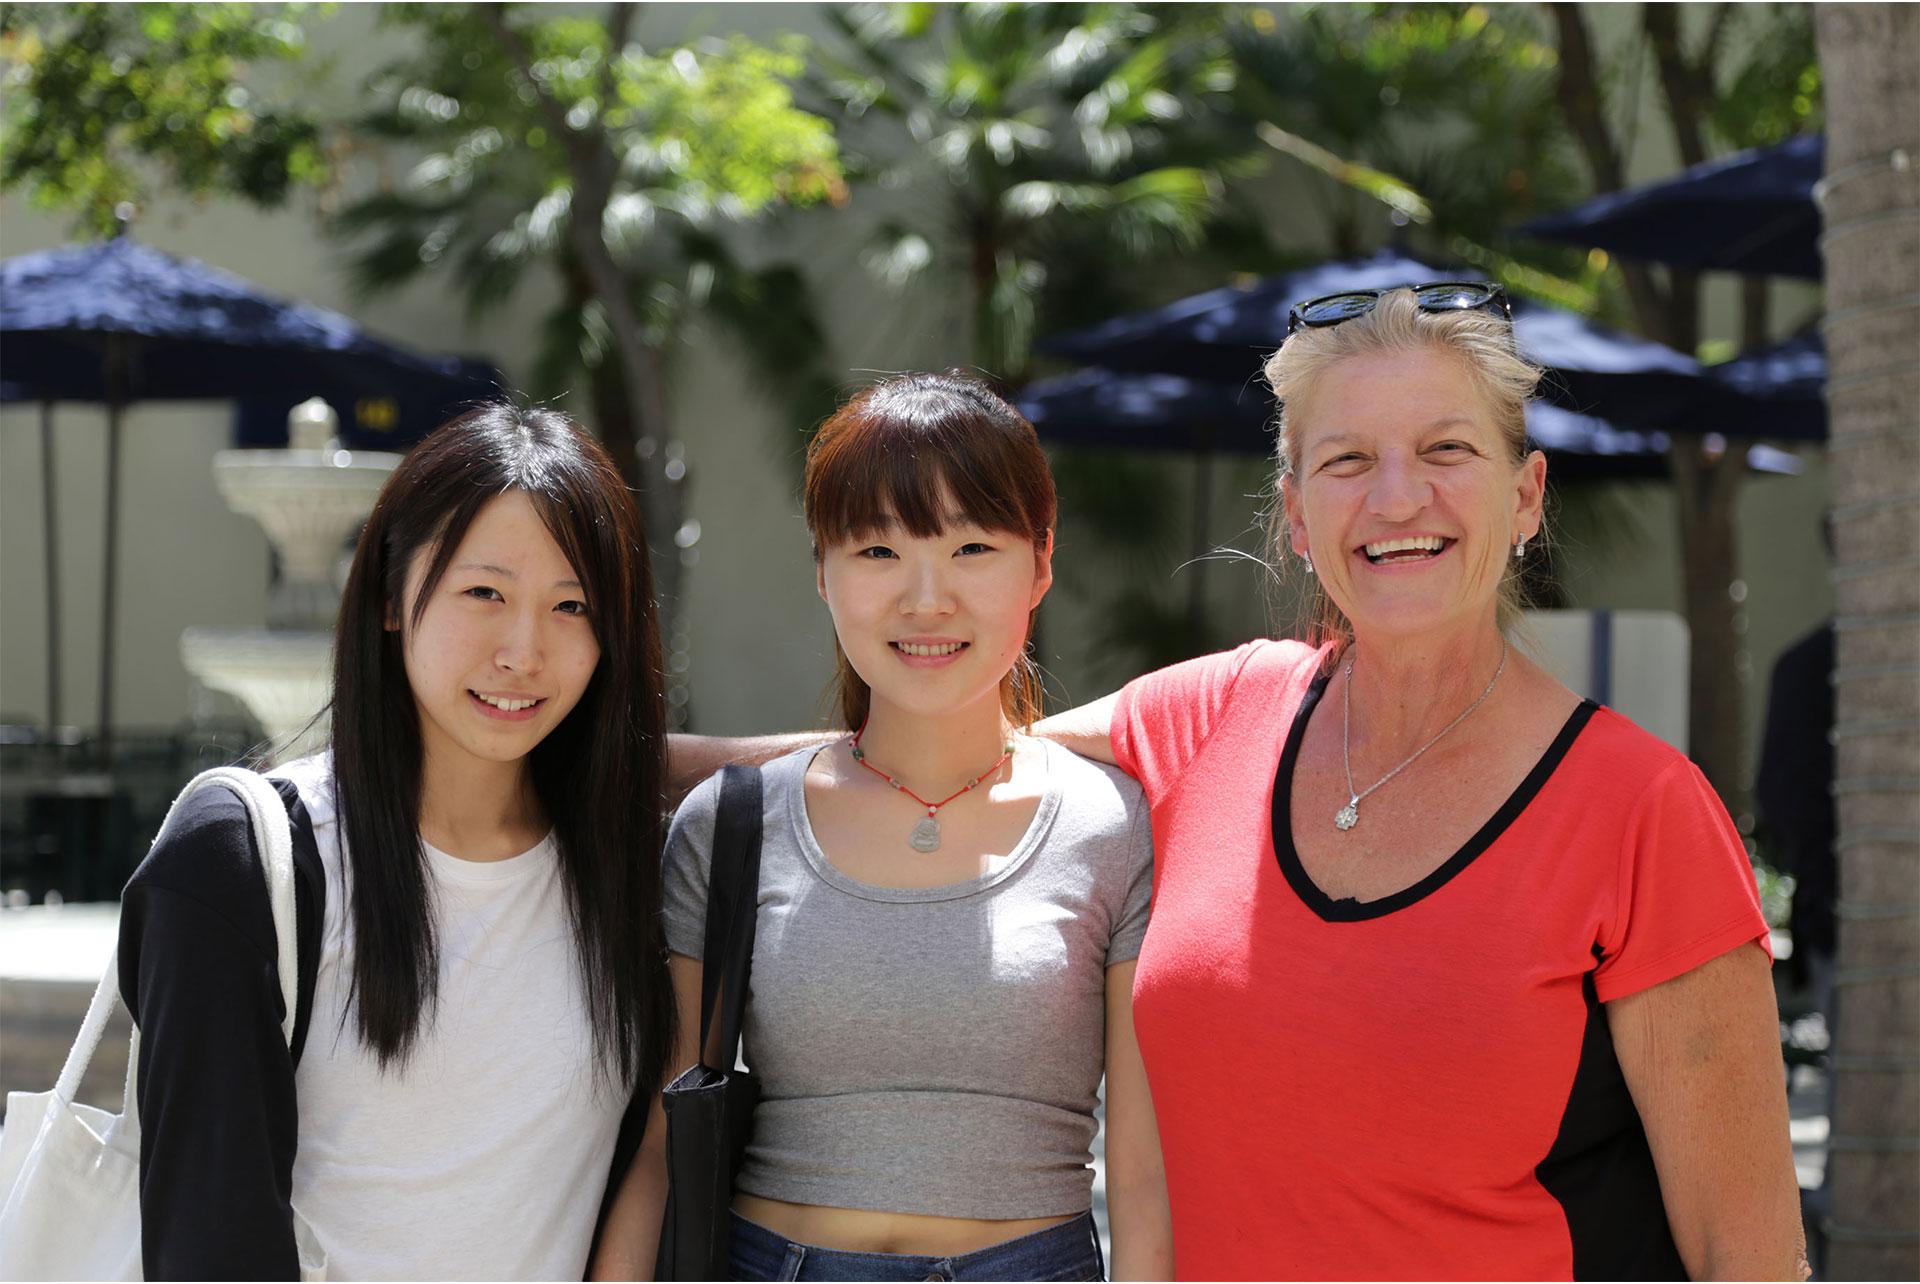 給付型奨学金制度「神奈川大学給費生」の奨学生を対象に「給費生海外研修」を実施 -- 夏休みに約3週間の海外語学研修プログラム、今年度は派遣先を2か国に拡大